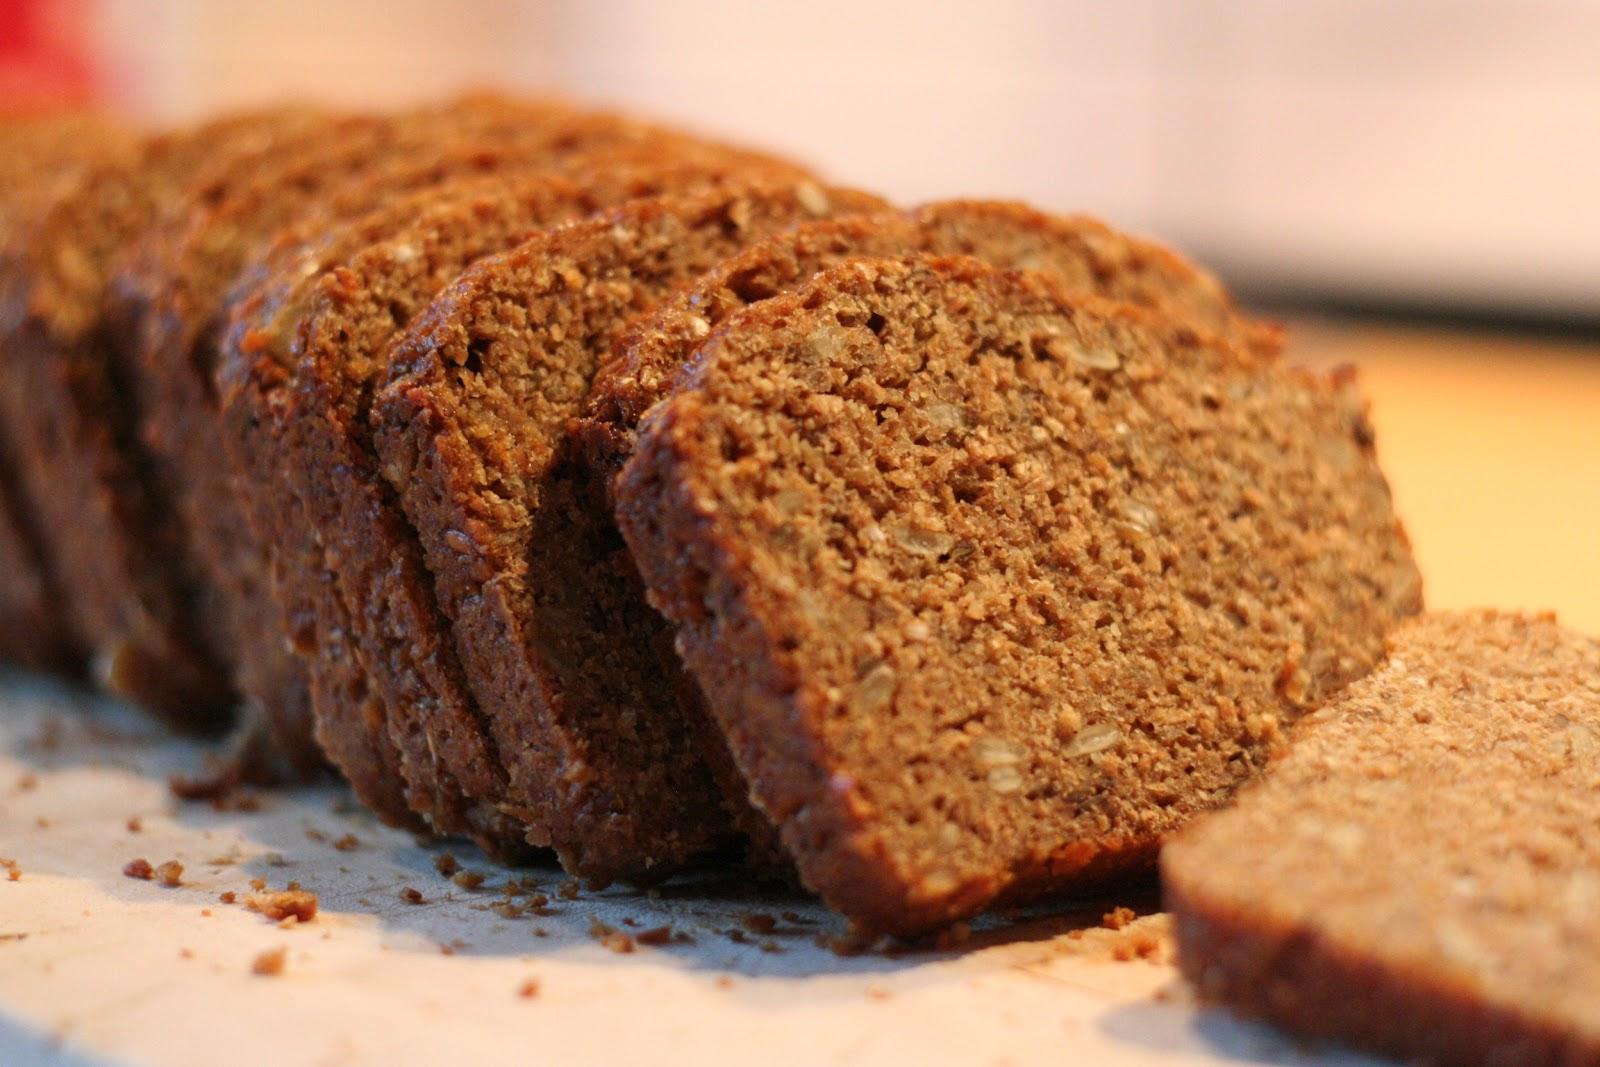 Brot Auftauen Backofen b ckerwissen to go brot einfrieren